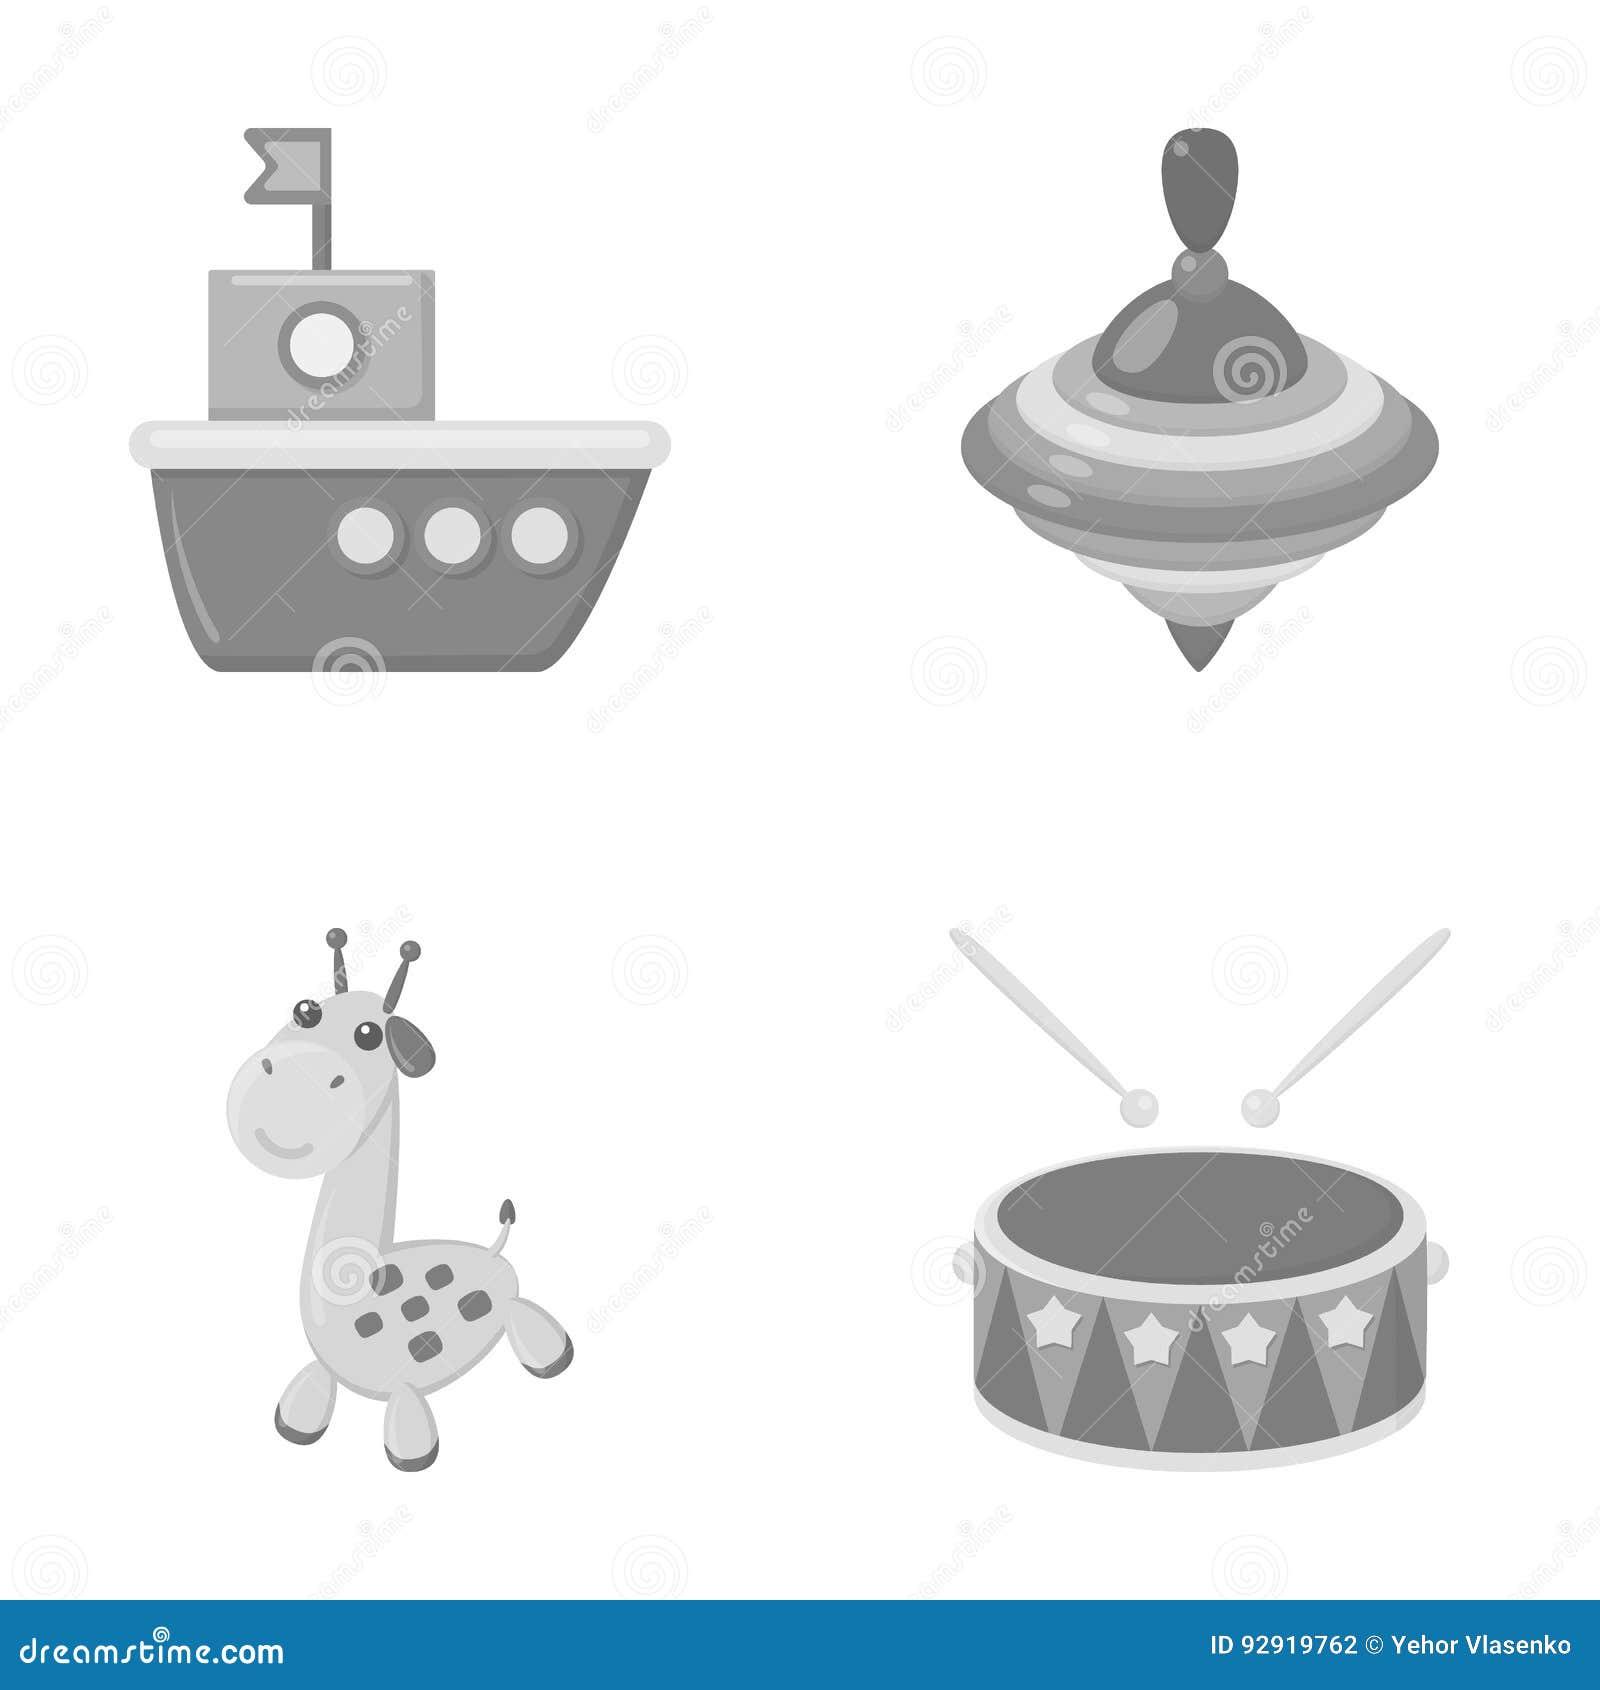 船, yule,长颈鹿,鼓 玩具设置了在单色样式传染媒介标志股票例证网的汇集象